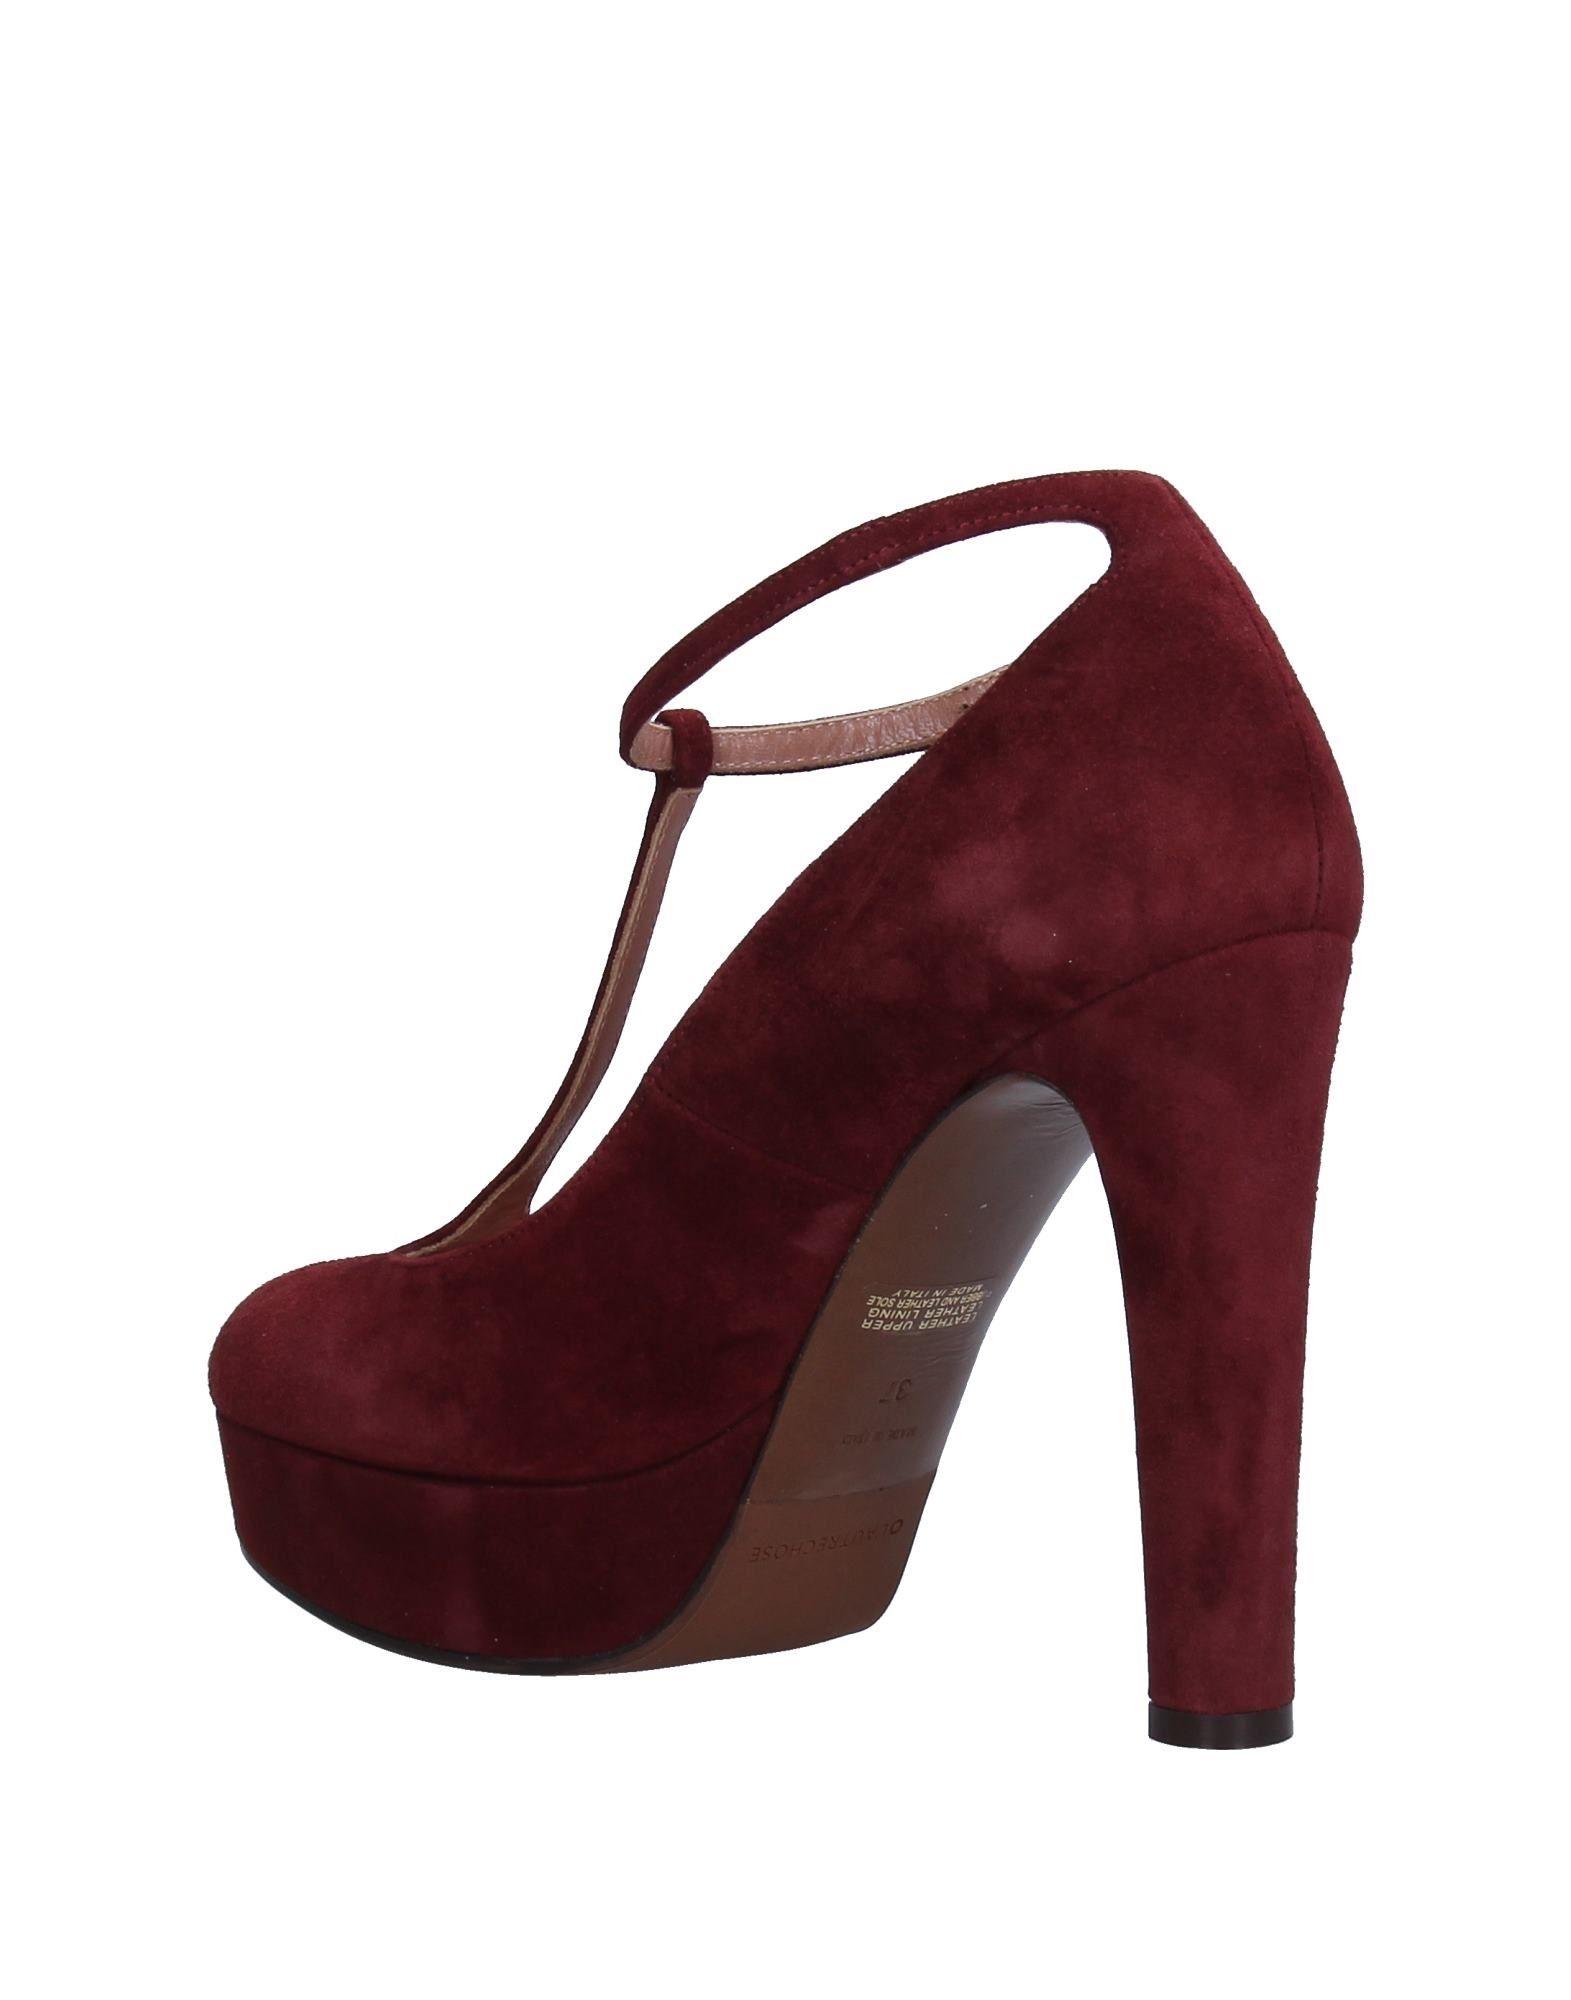 Stilvolle billige Pumps Schuhe L' Autre Chose Pumps billige Damen  11256683AK 4ccc2f